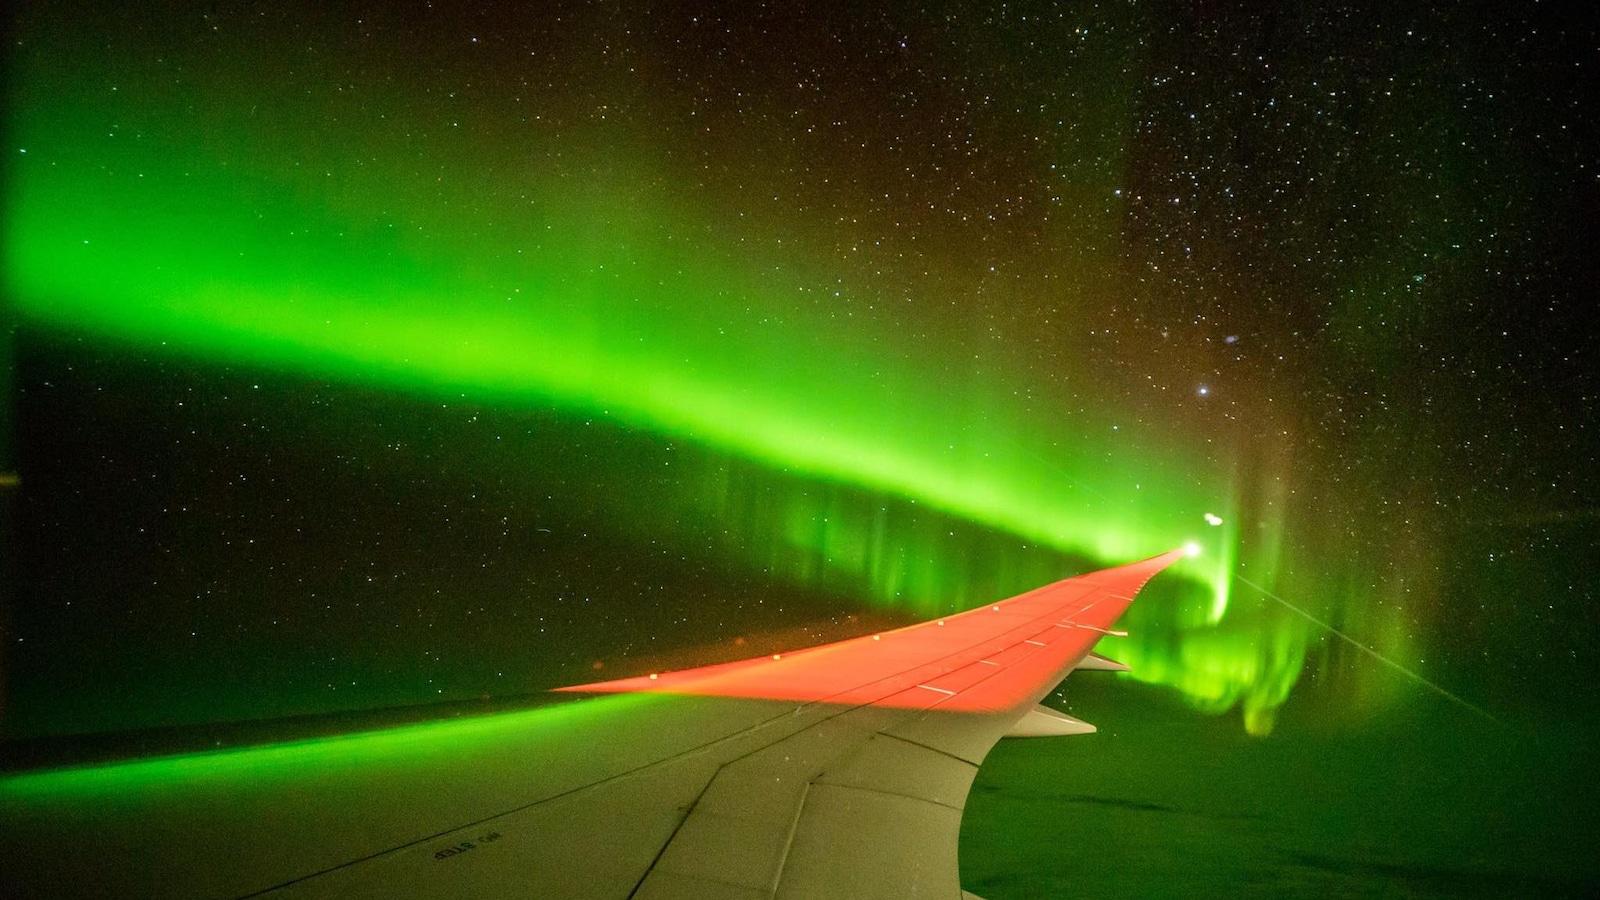 aurores australes aperçues au bout de l'aile d'un avion